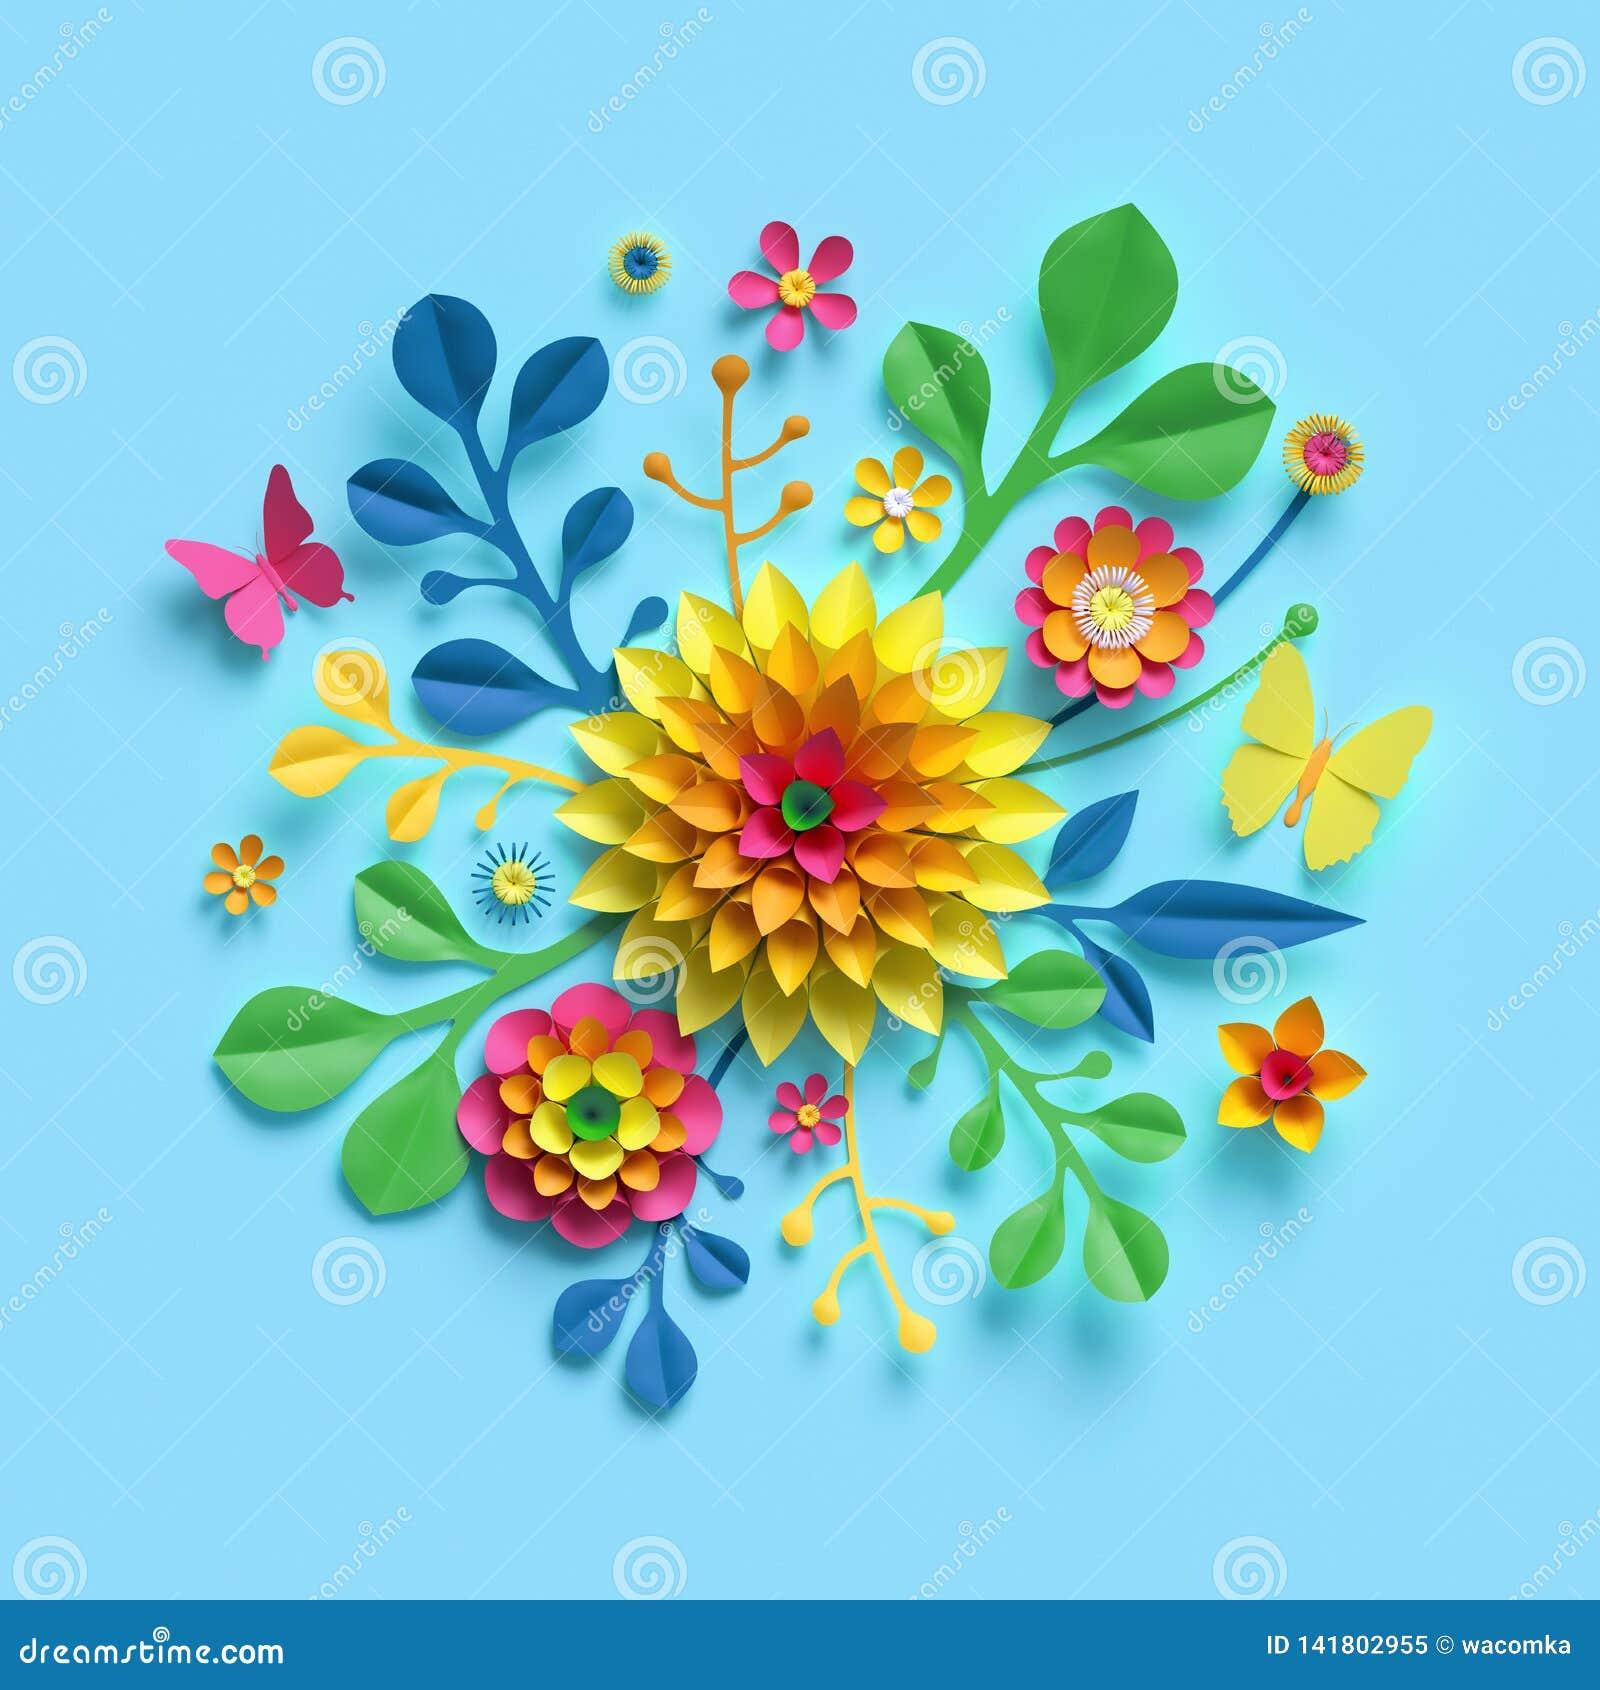 3d übertragen, Kraftpapierblumen, runder Blumenstrauß, gelbe Dahlie, botanische Anordnung, helle Süßigkeitsfarben, Naturclipart